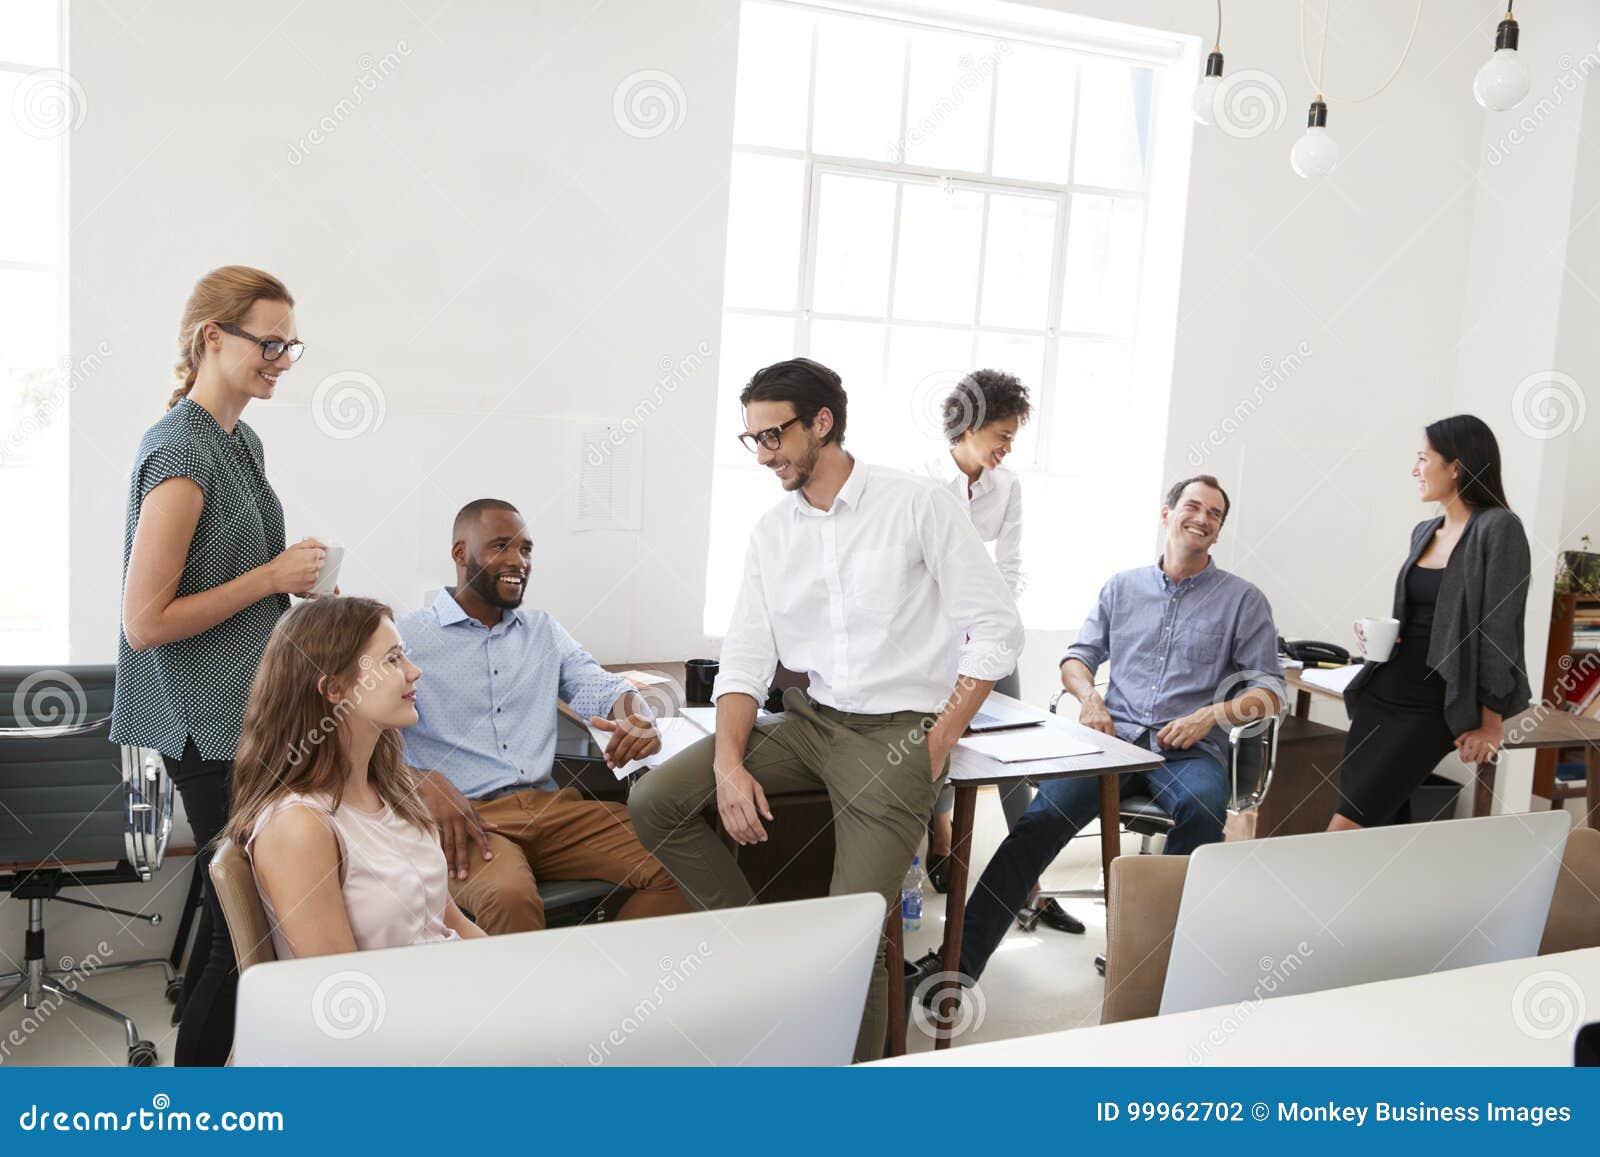 Νέοι επιχειρησιακοί συνάδελφοι στην περιστασιακή συνεδρίαση στο γραφείο τους